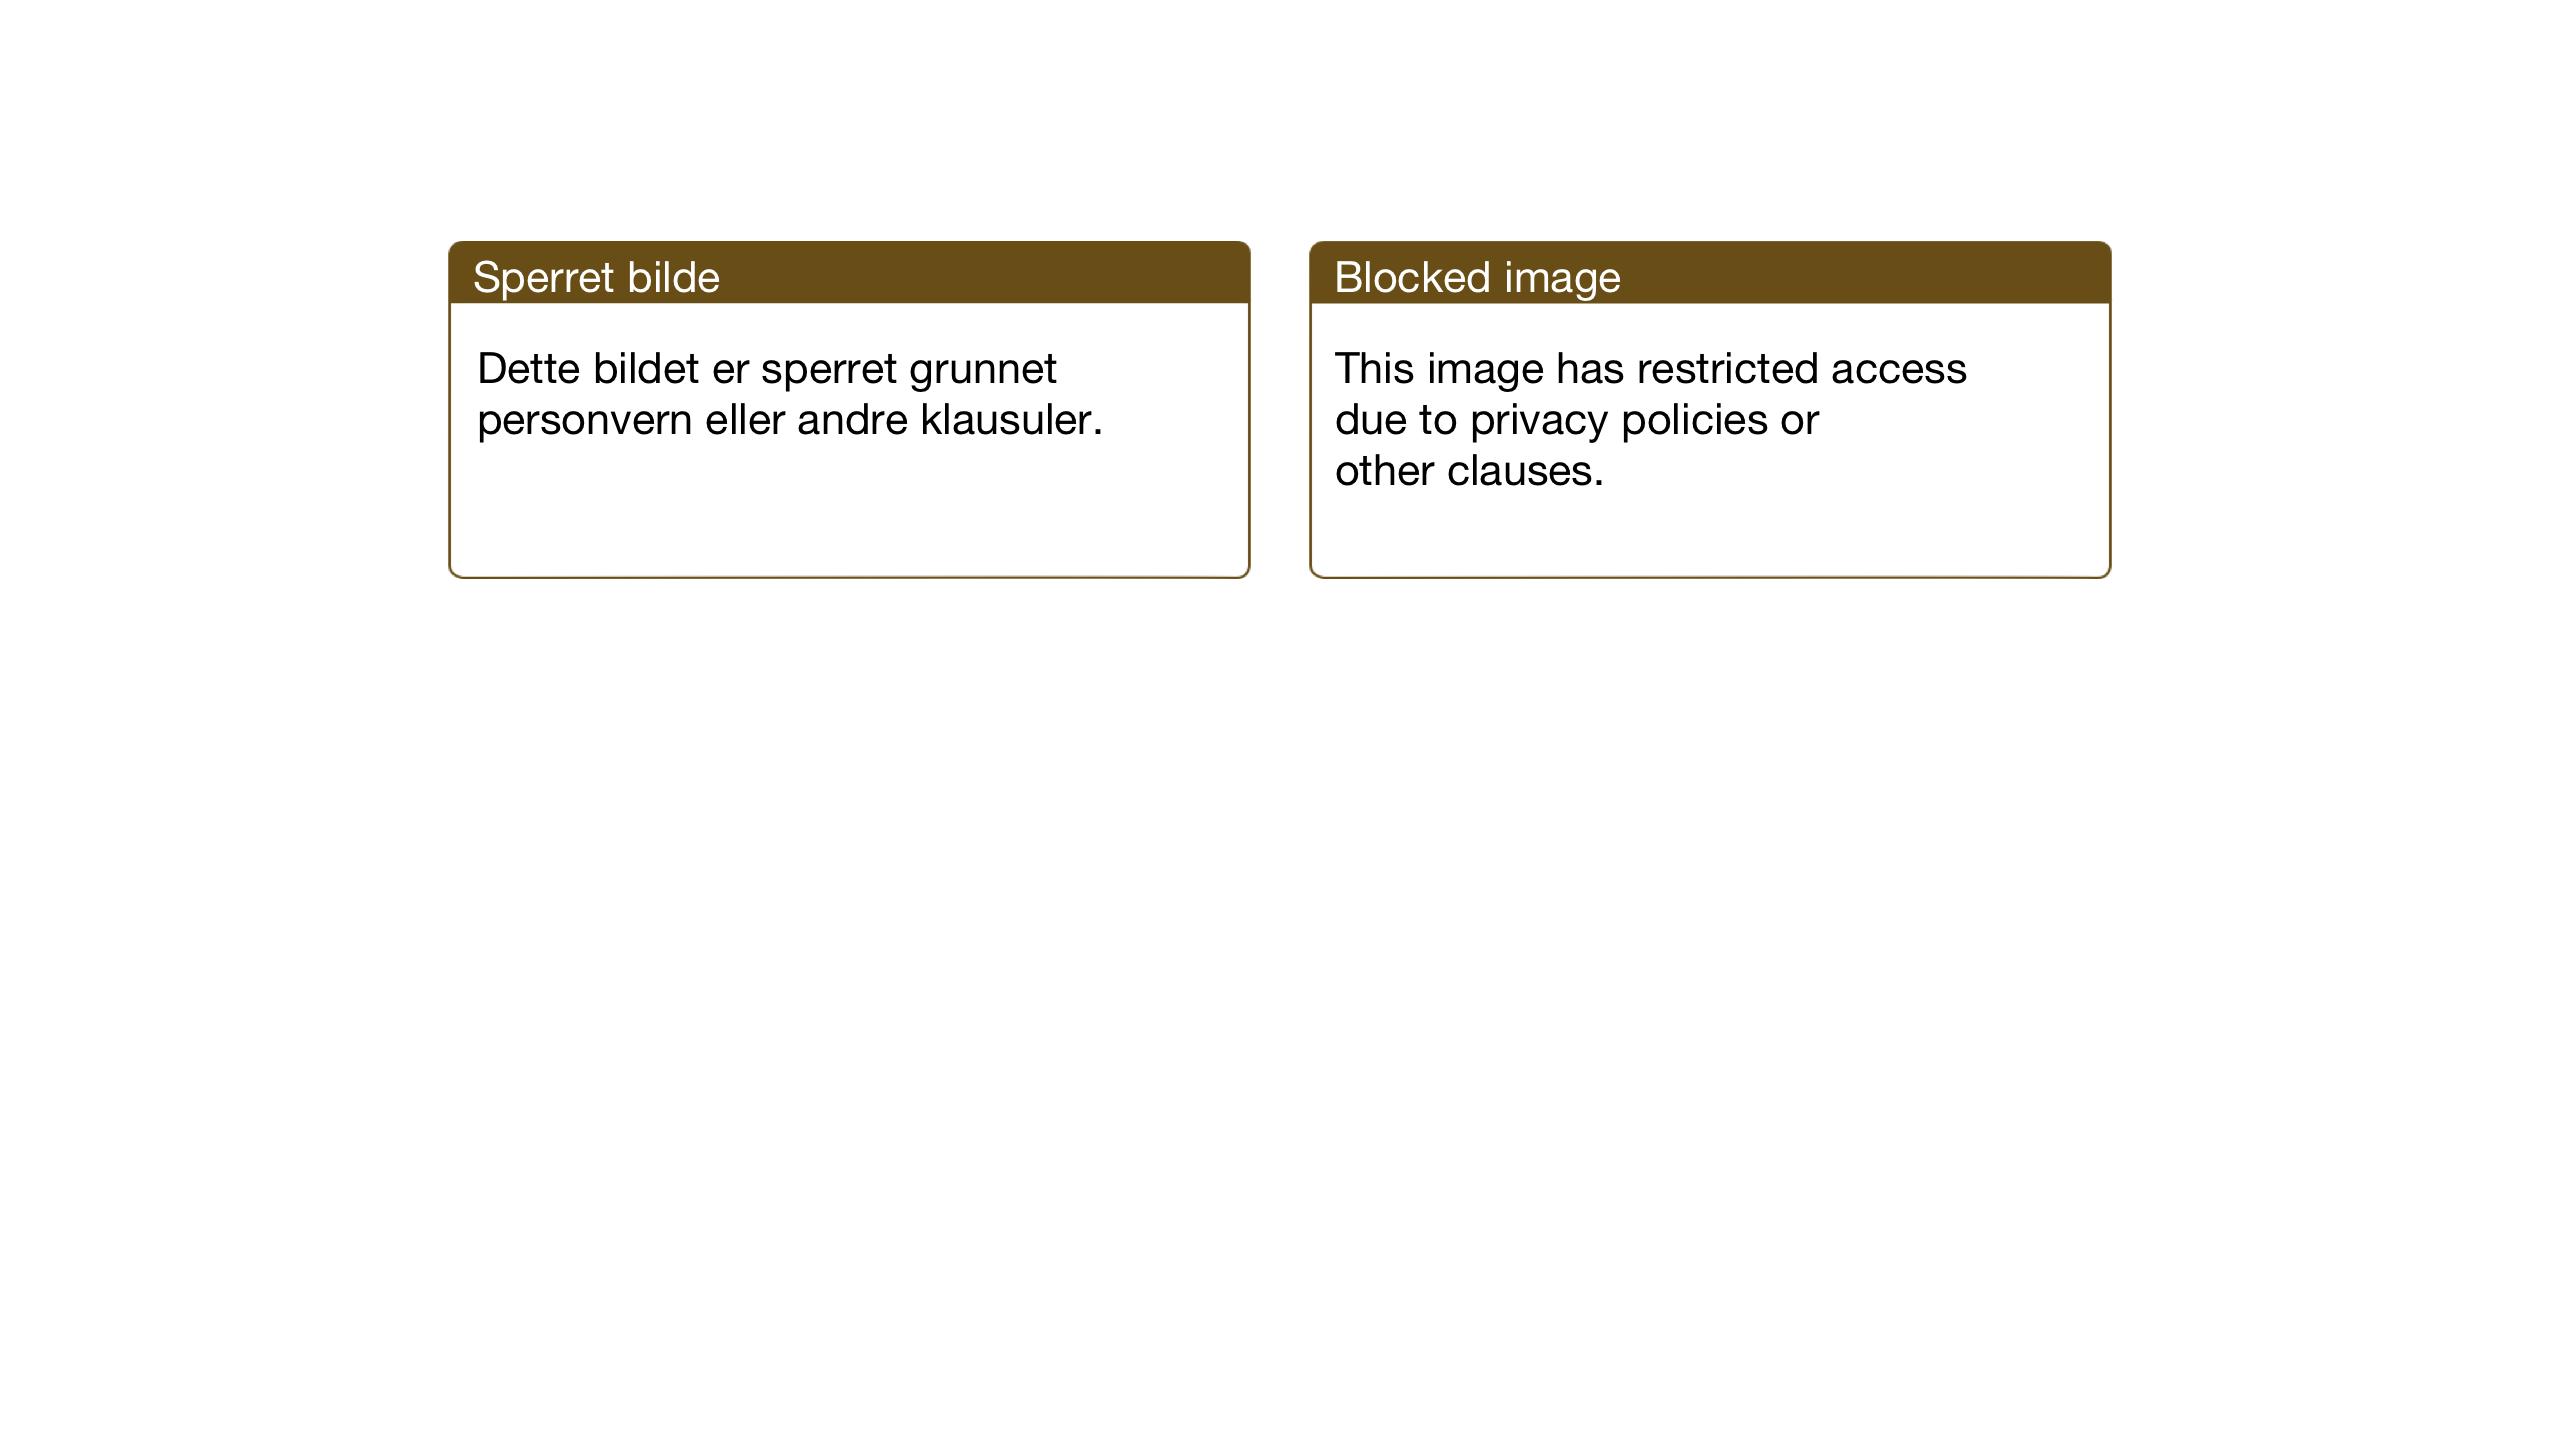 SAT, Ministerialprotokoller, klokkerbøker og fødselsregistre - Nord-Trøndelag, 744/L0425: Klokkerbok nr. 744C04, 1924-1947, s. 25